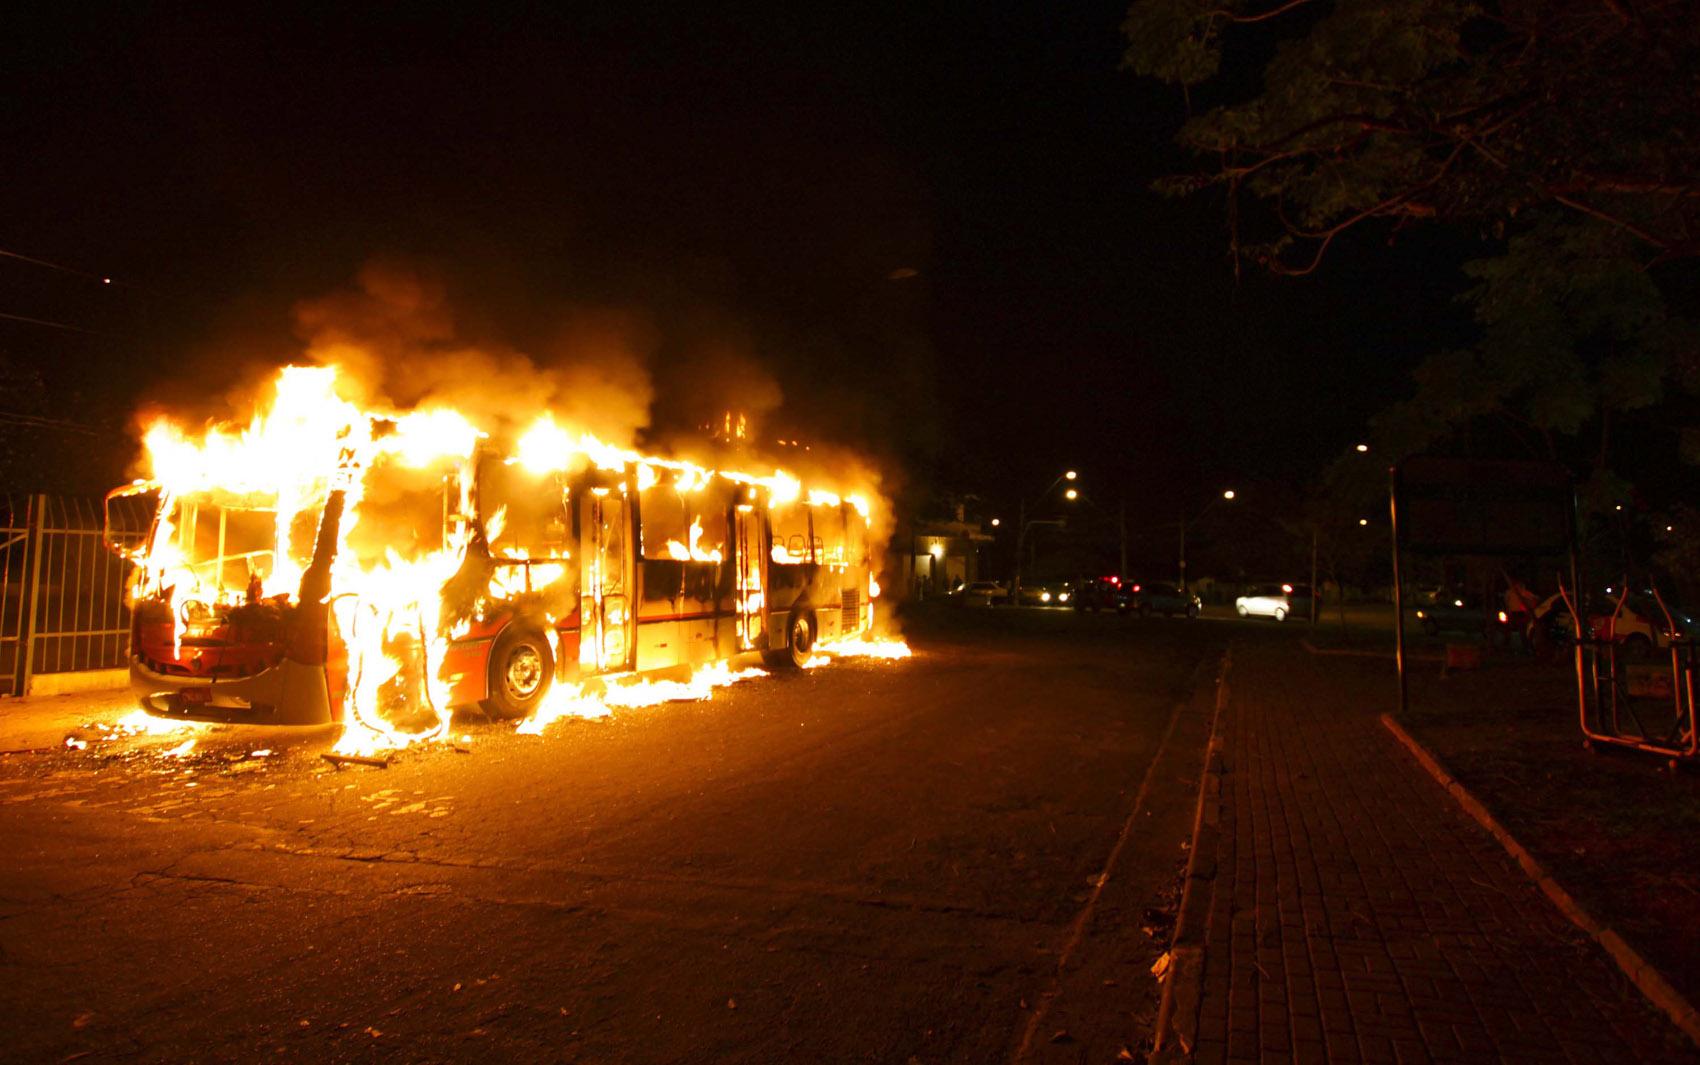 Ônibus incendiado na Rua Manoel Martins no Rio Pequeno